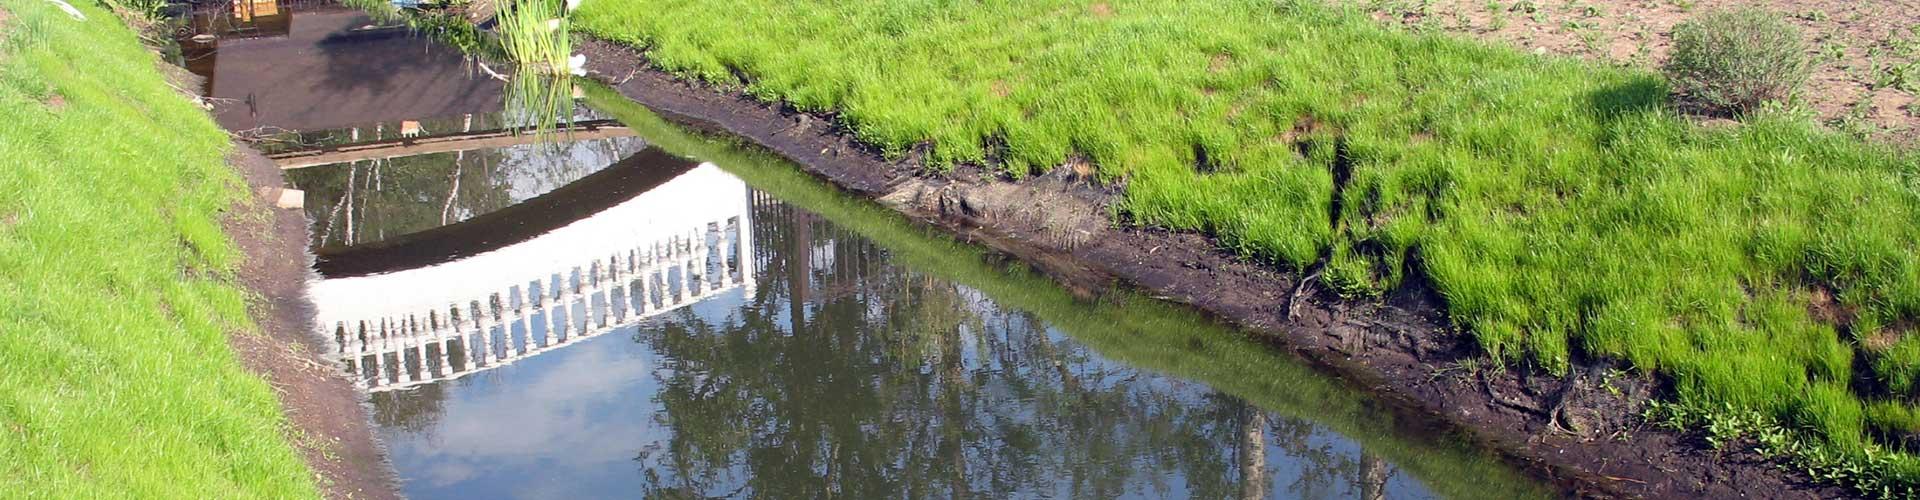 берегоукрепление канала (реализация)